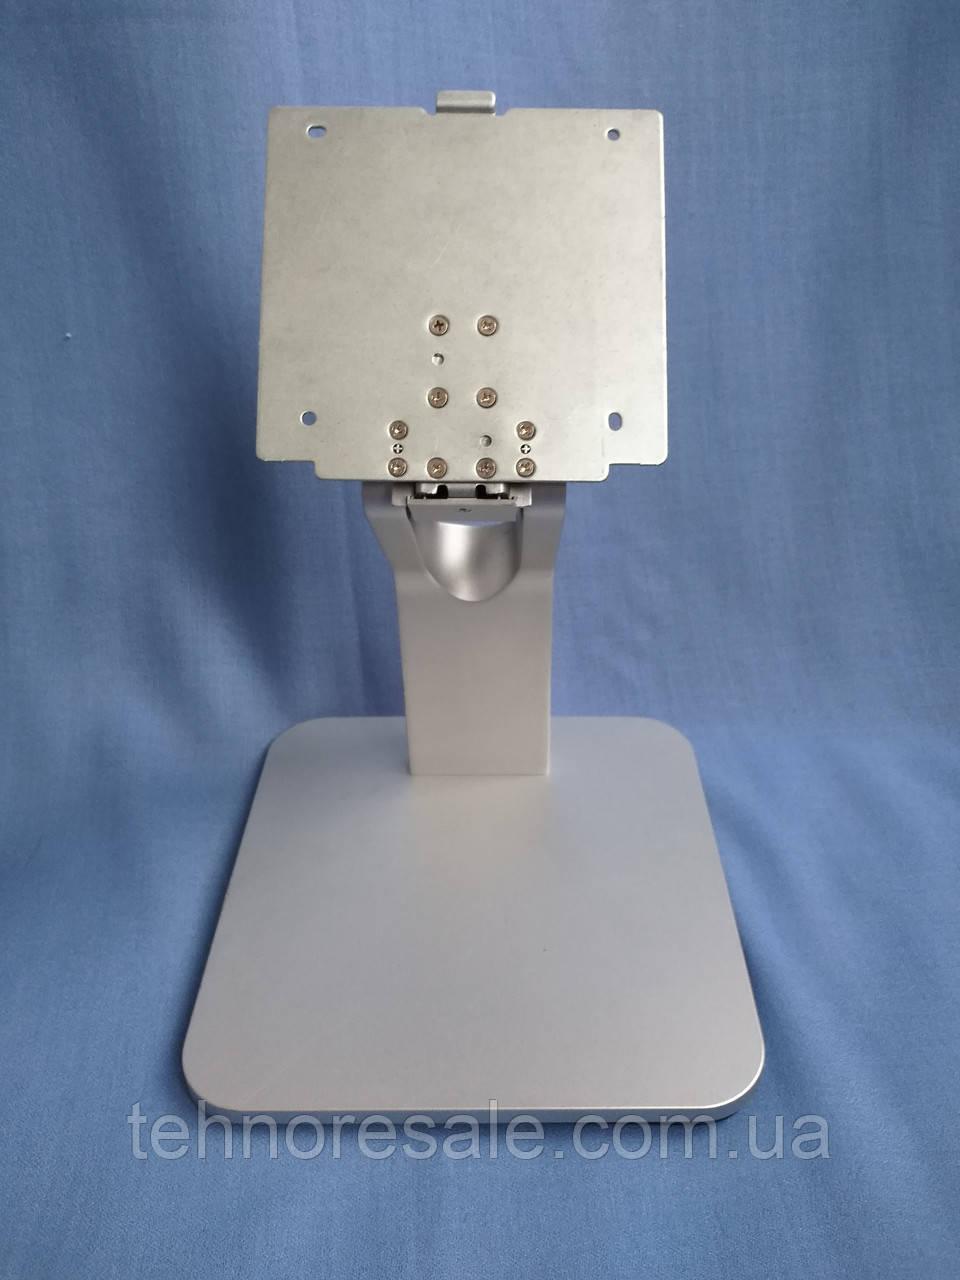 Підставка (ніжка) для моноблока DELL Optiplex 9010, 9020, оригінал